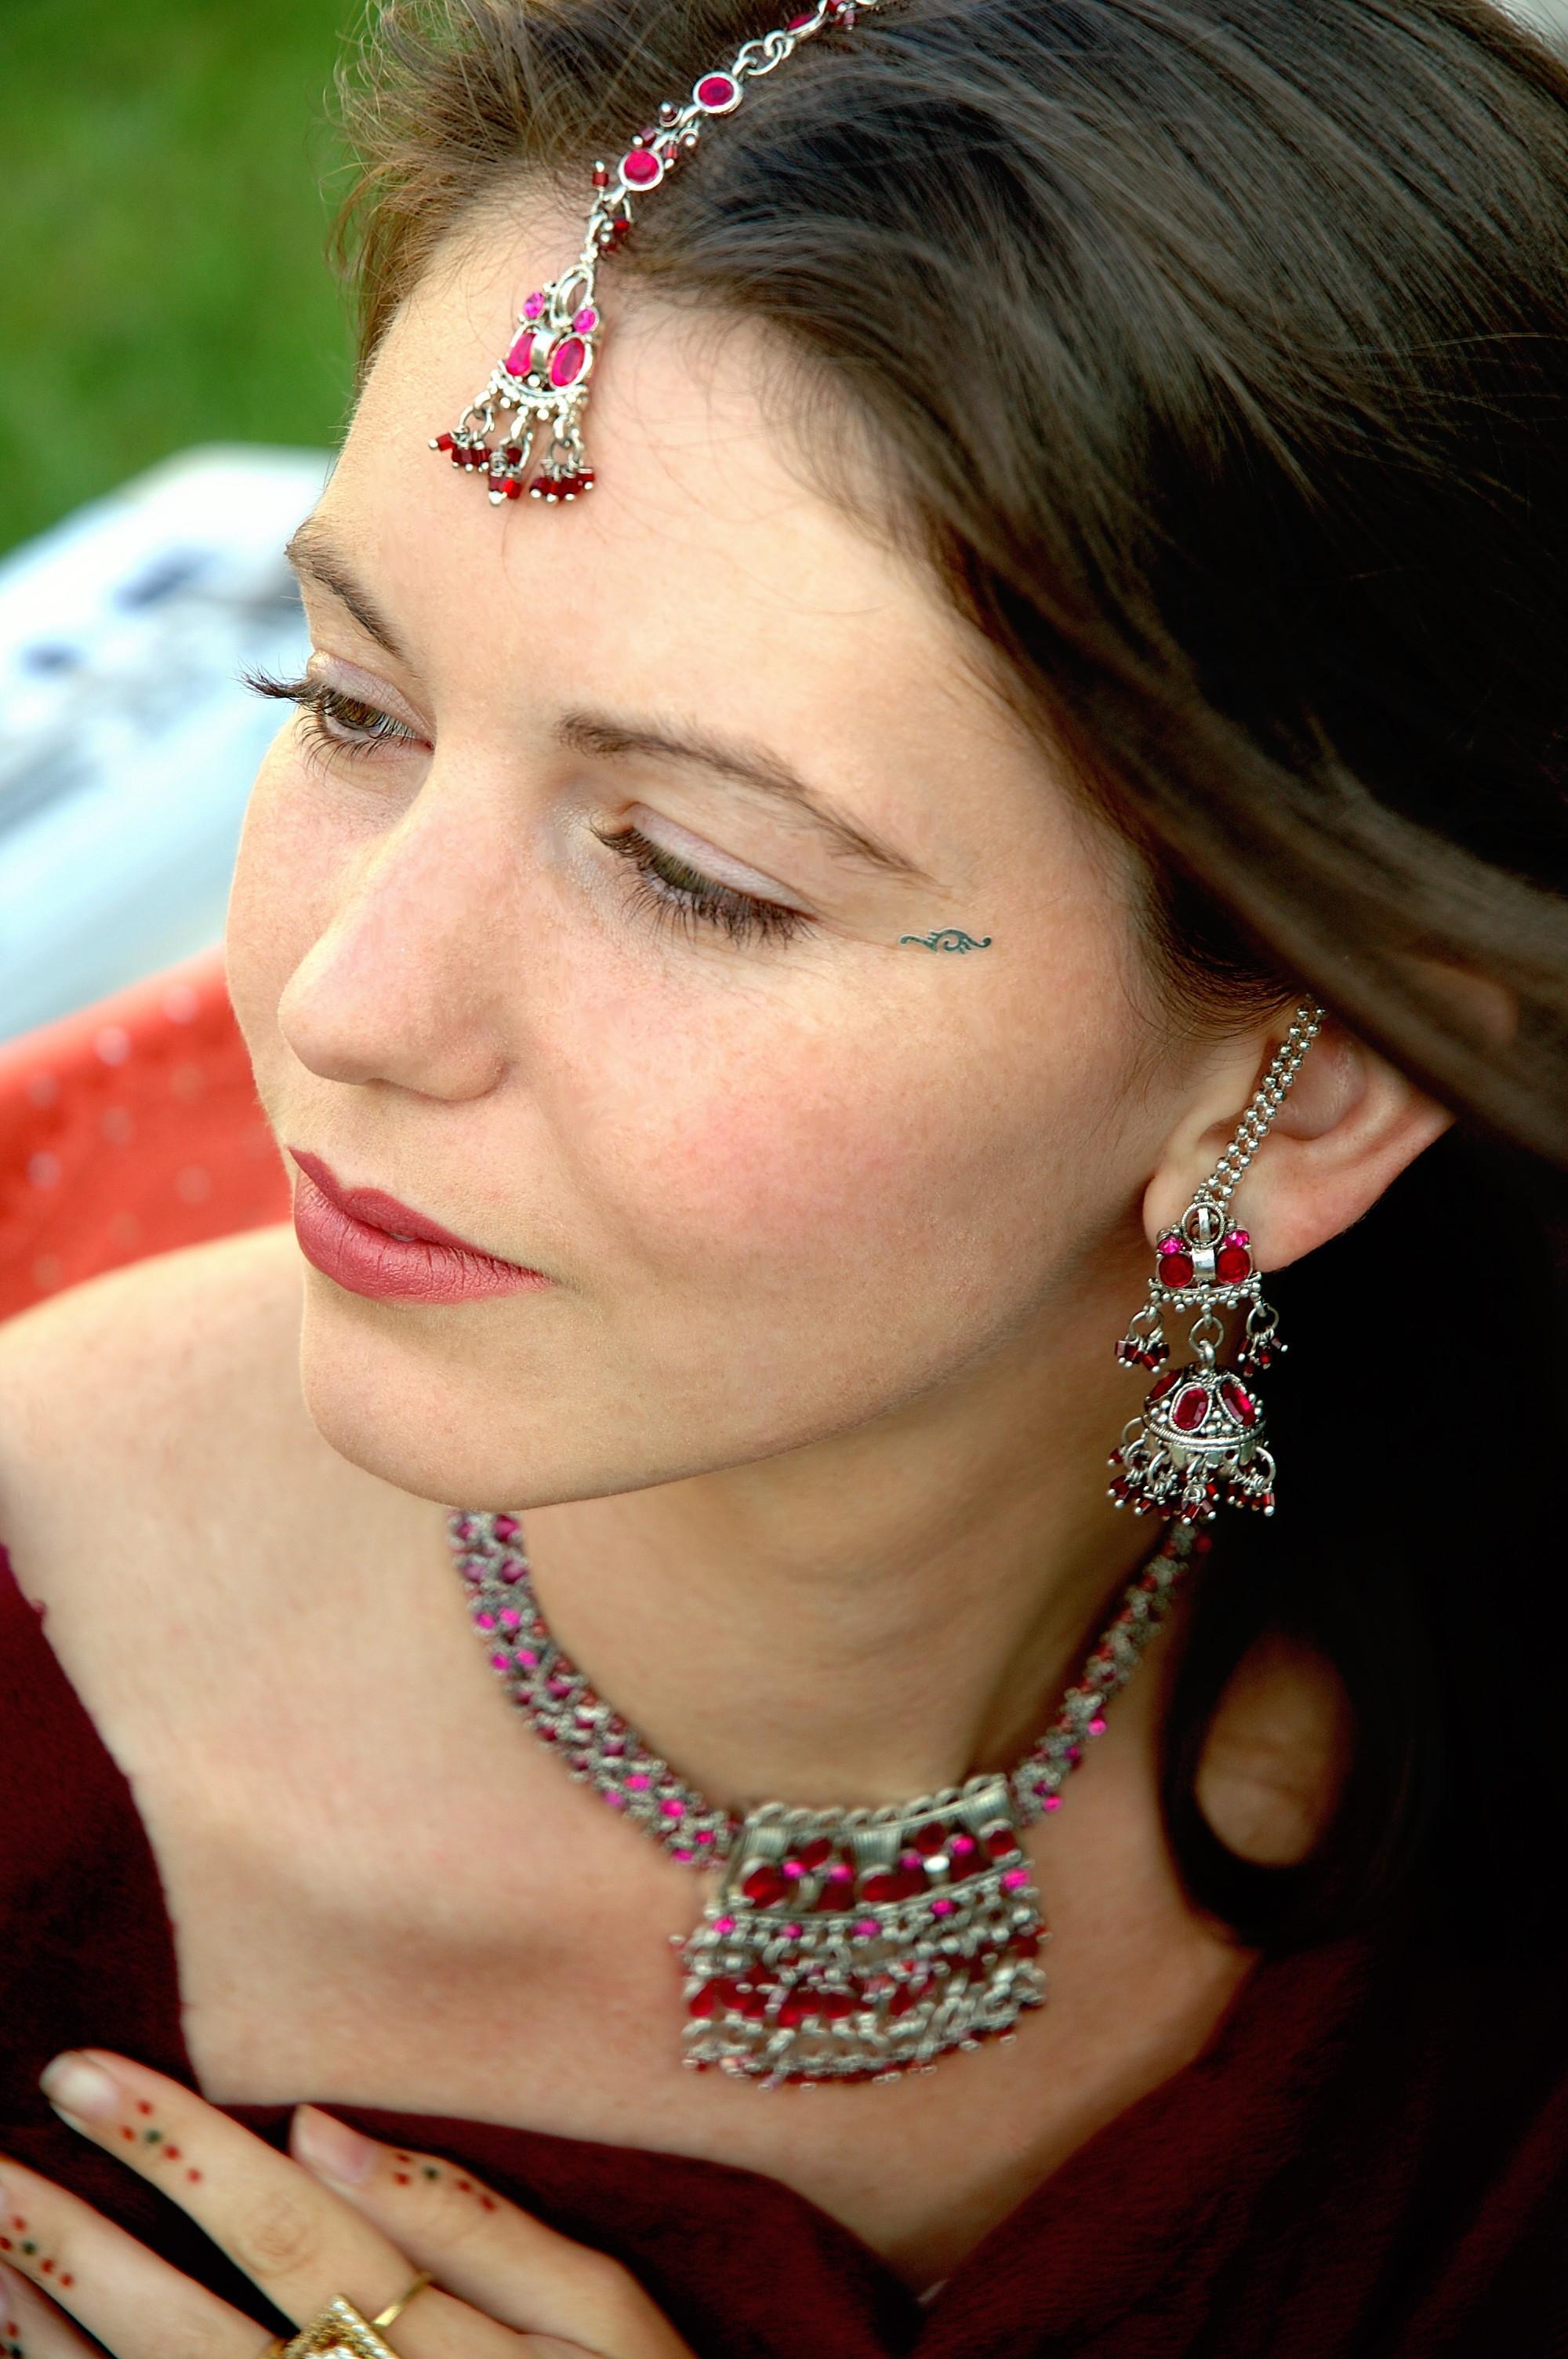 holly_makeup_silknstone.com